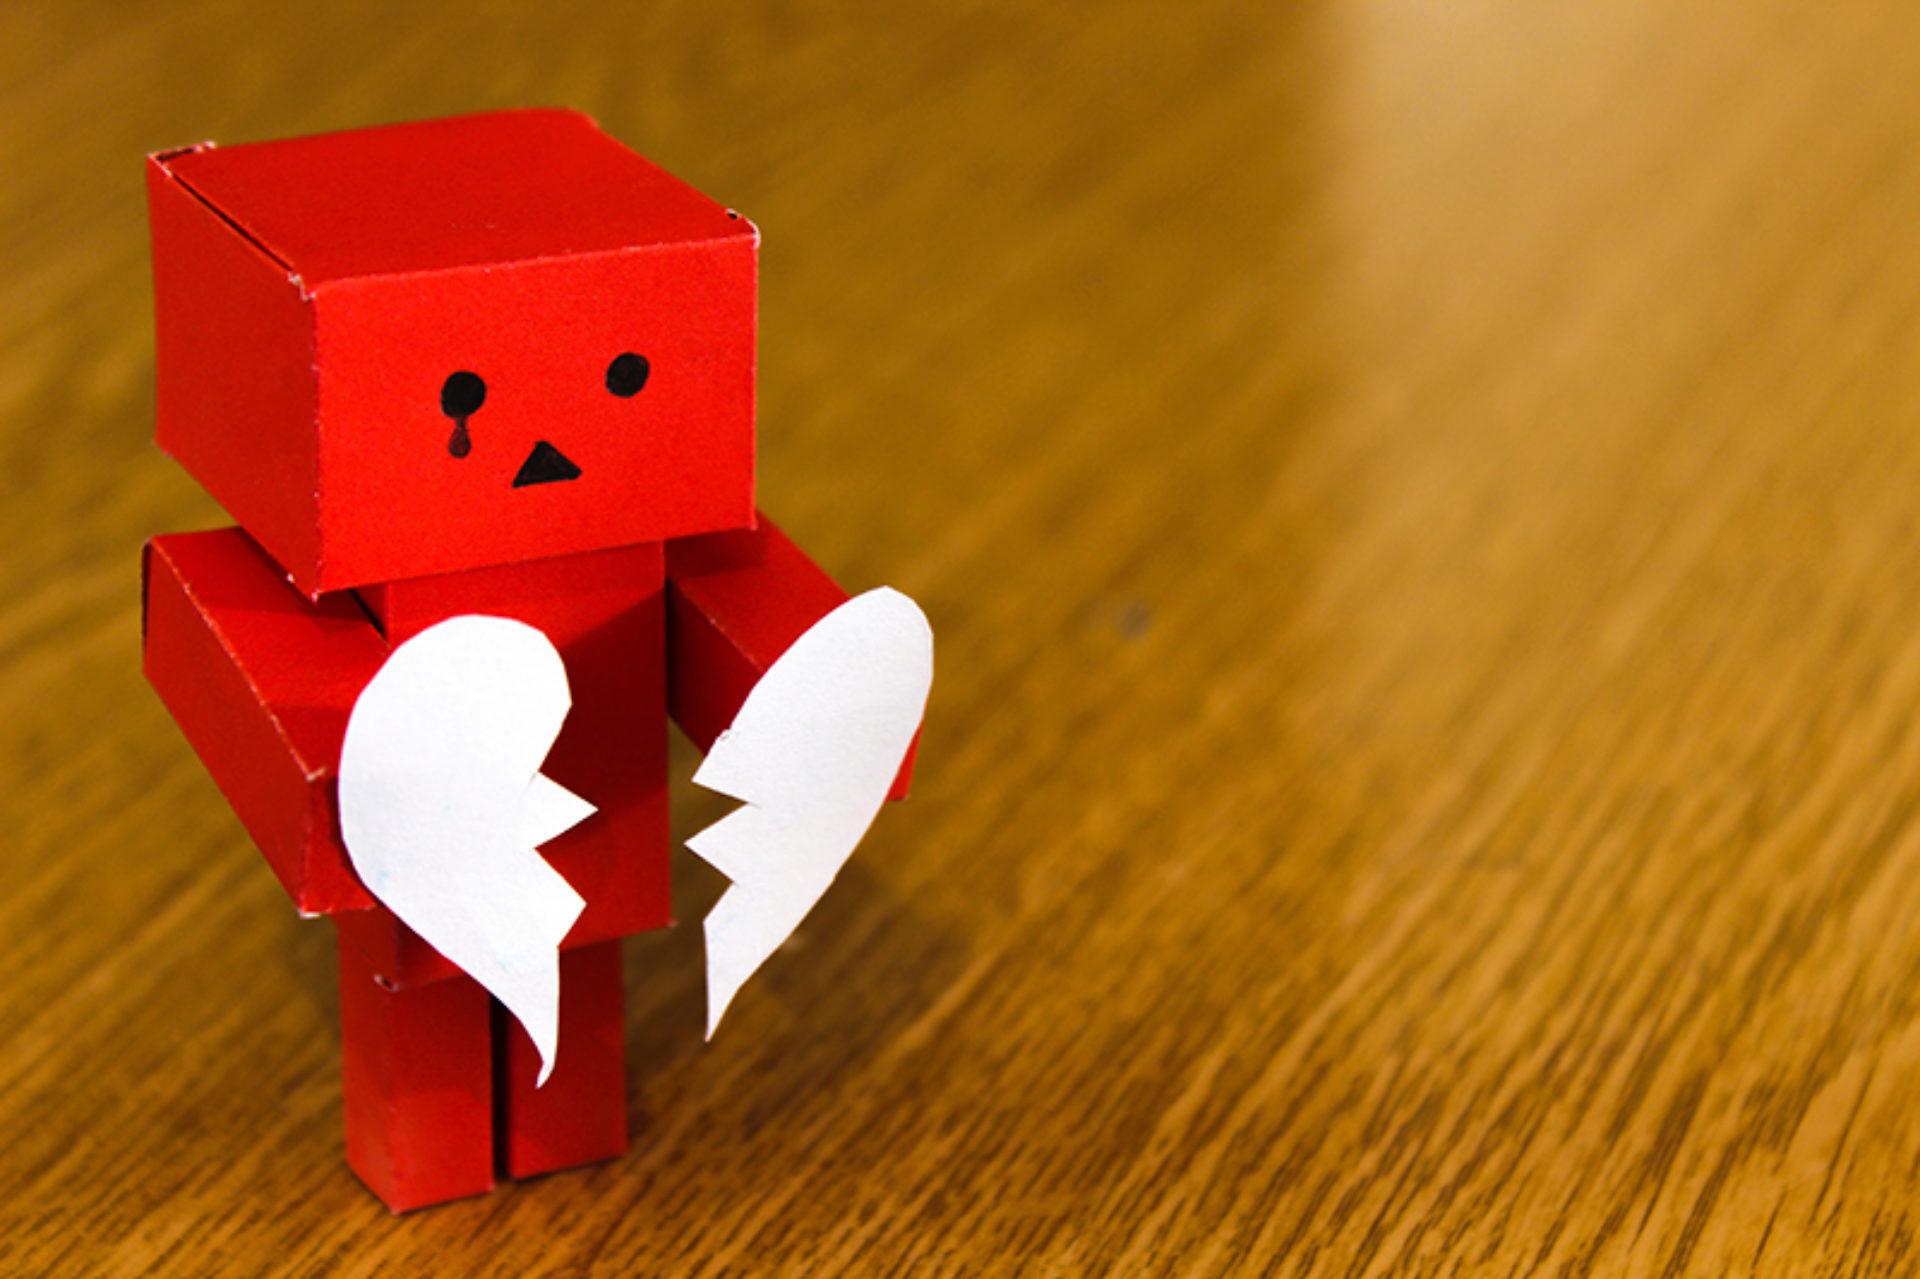 Relationele intimidatie: onzichtbare littekens met grote gevolgen